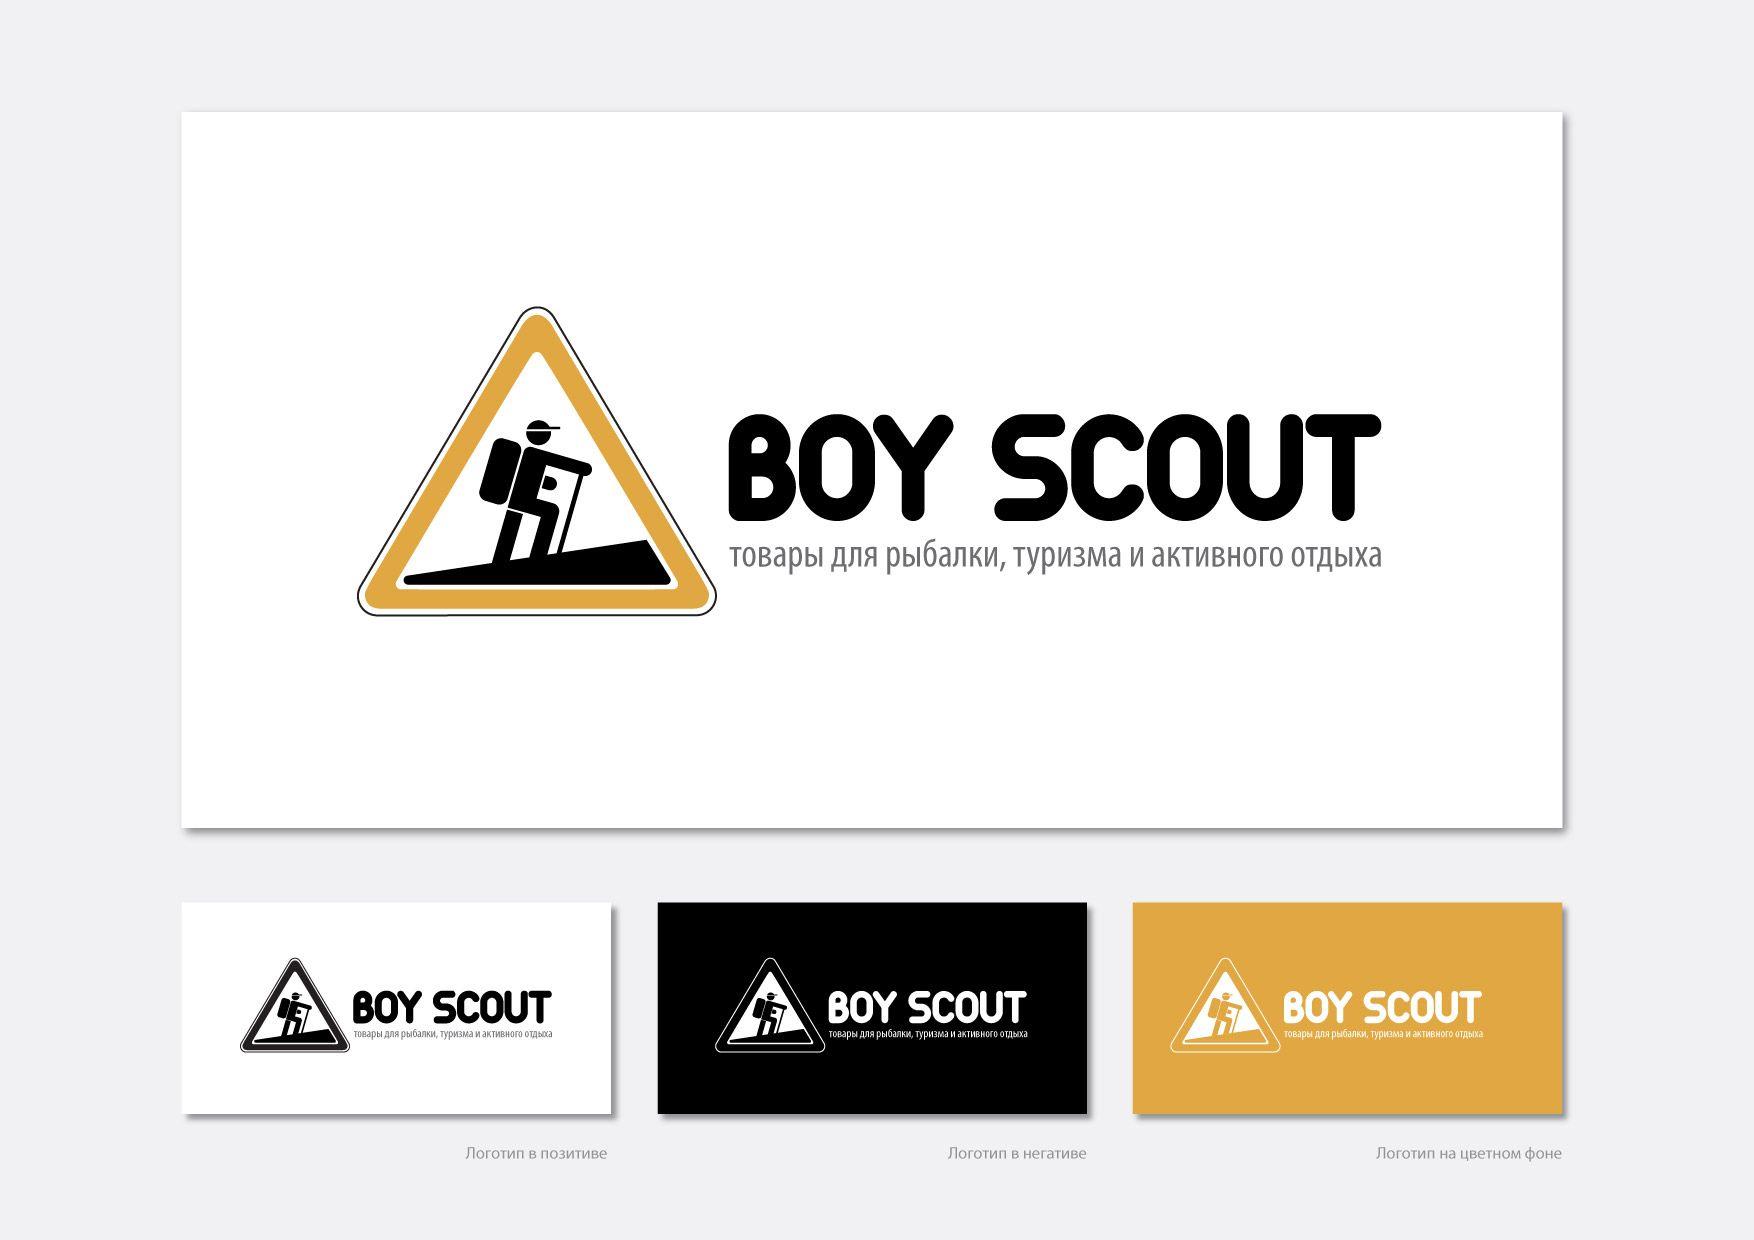 Логотип для сайта интернет-магазина BOY SCOUT - дизайнер igor_kireyev